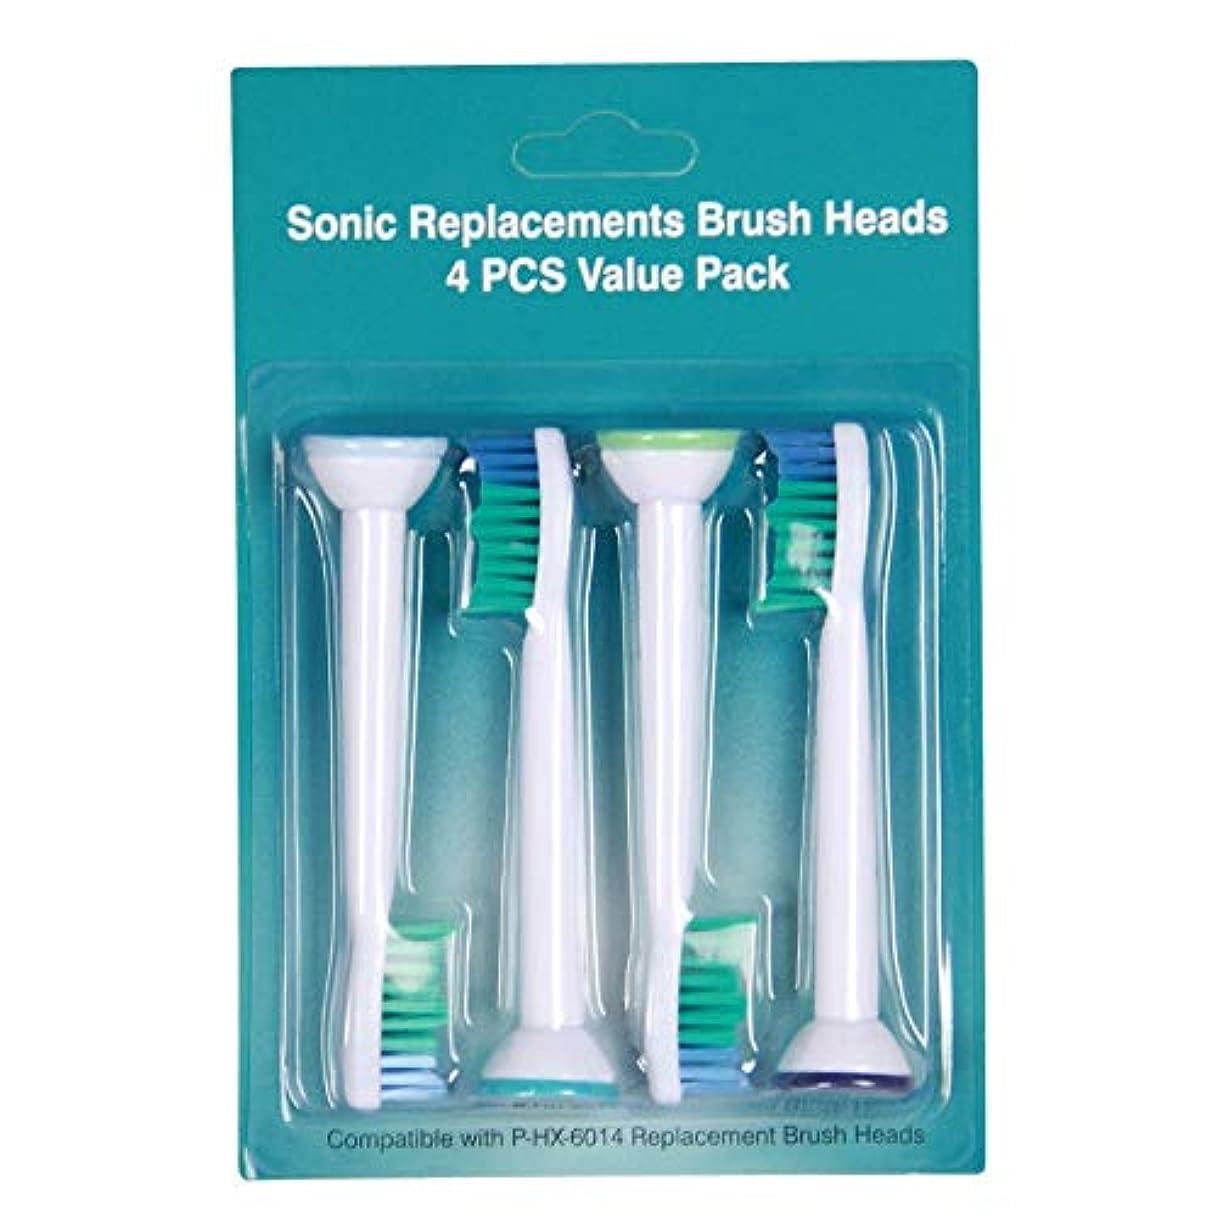 動かす重要性派生するJicorzo - フィリップスソニッケアー電動歯ブラシ4本衛生ケアクリーン用NewView交換電動歯ブラシのヘッド